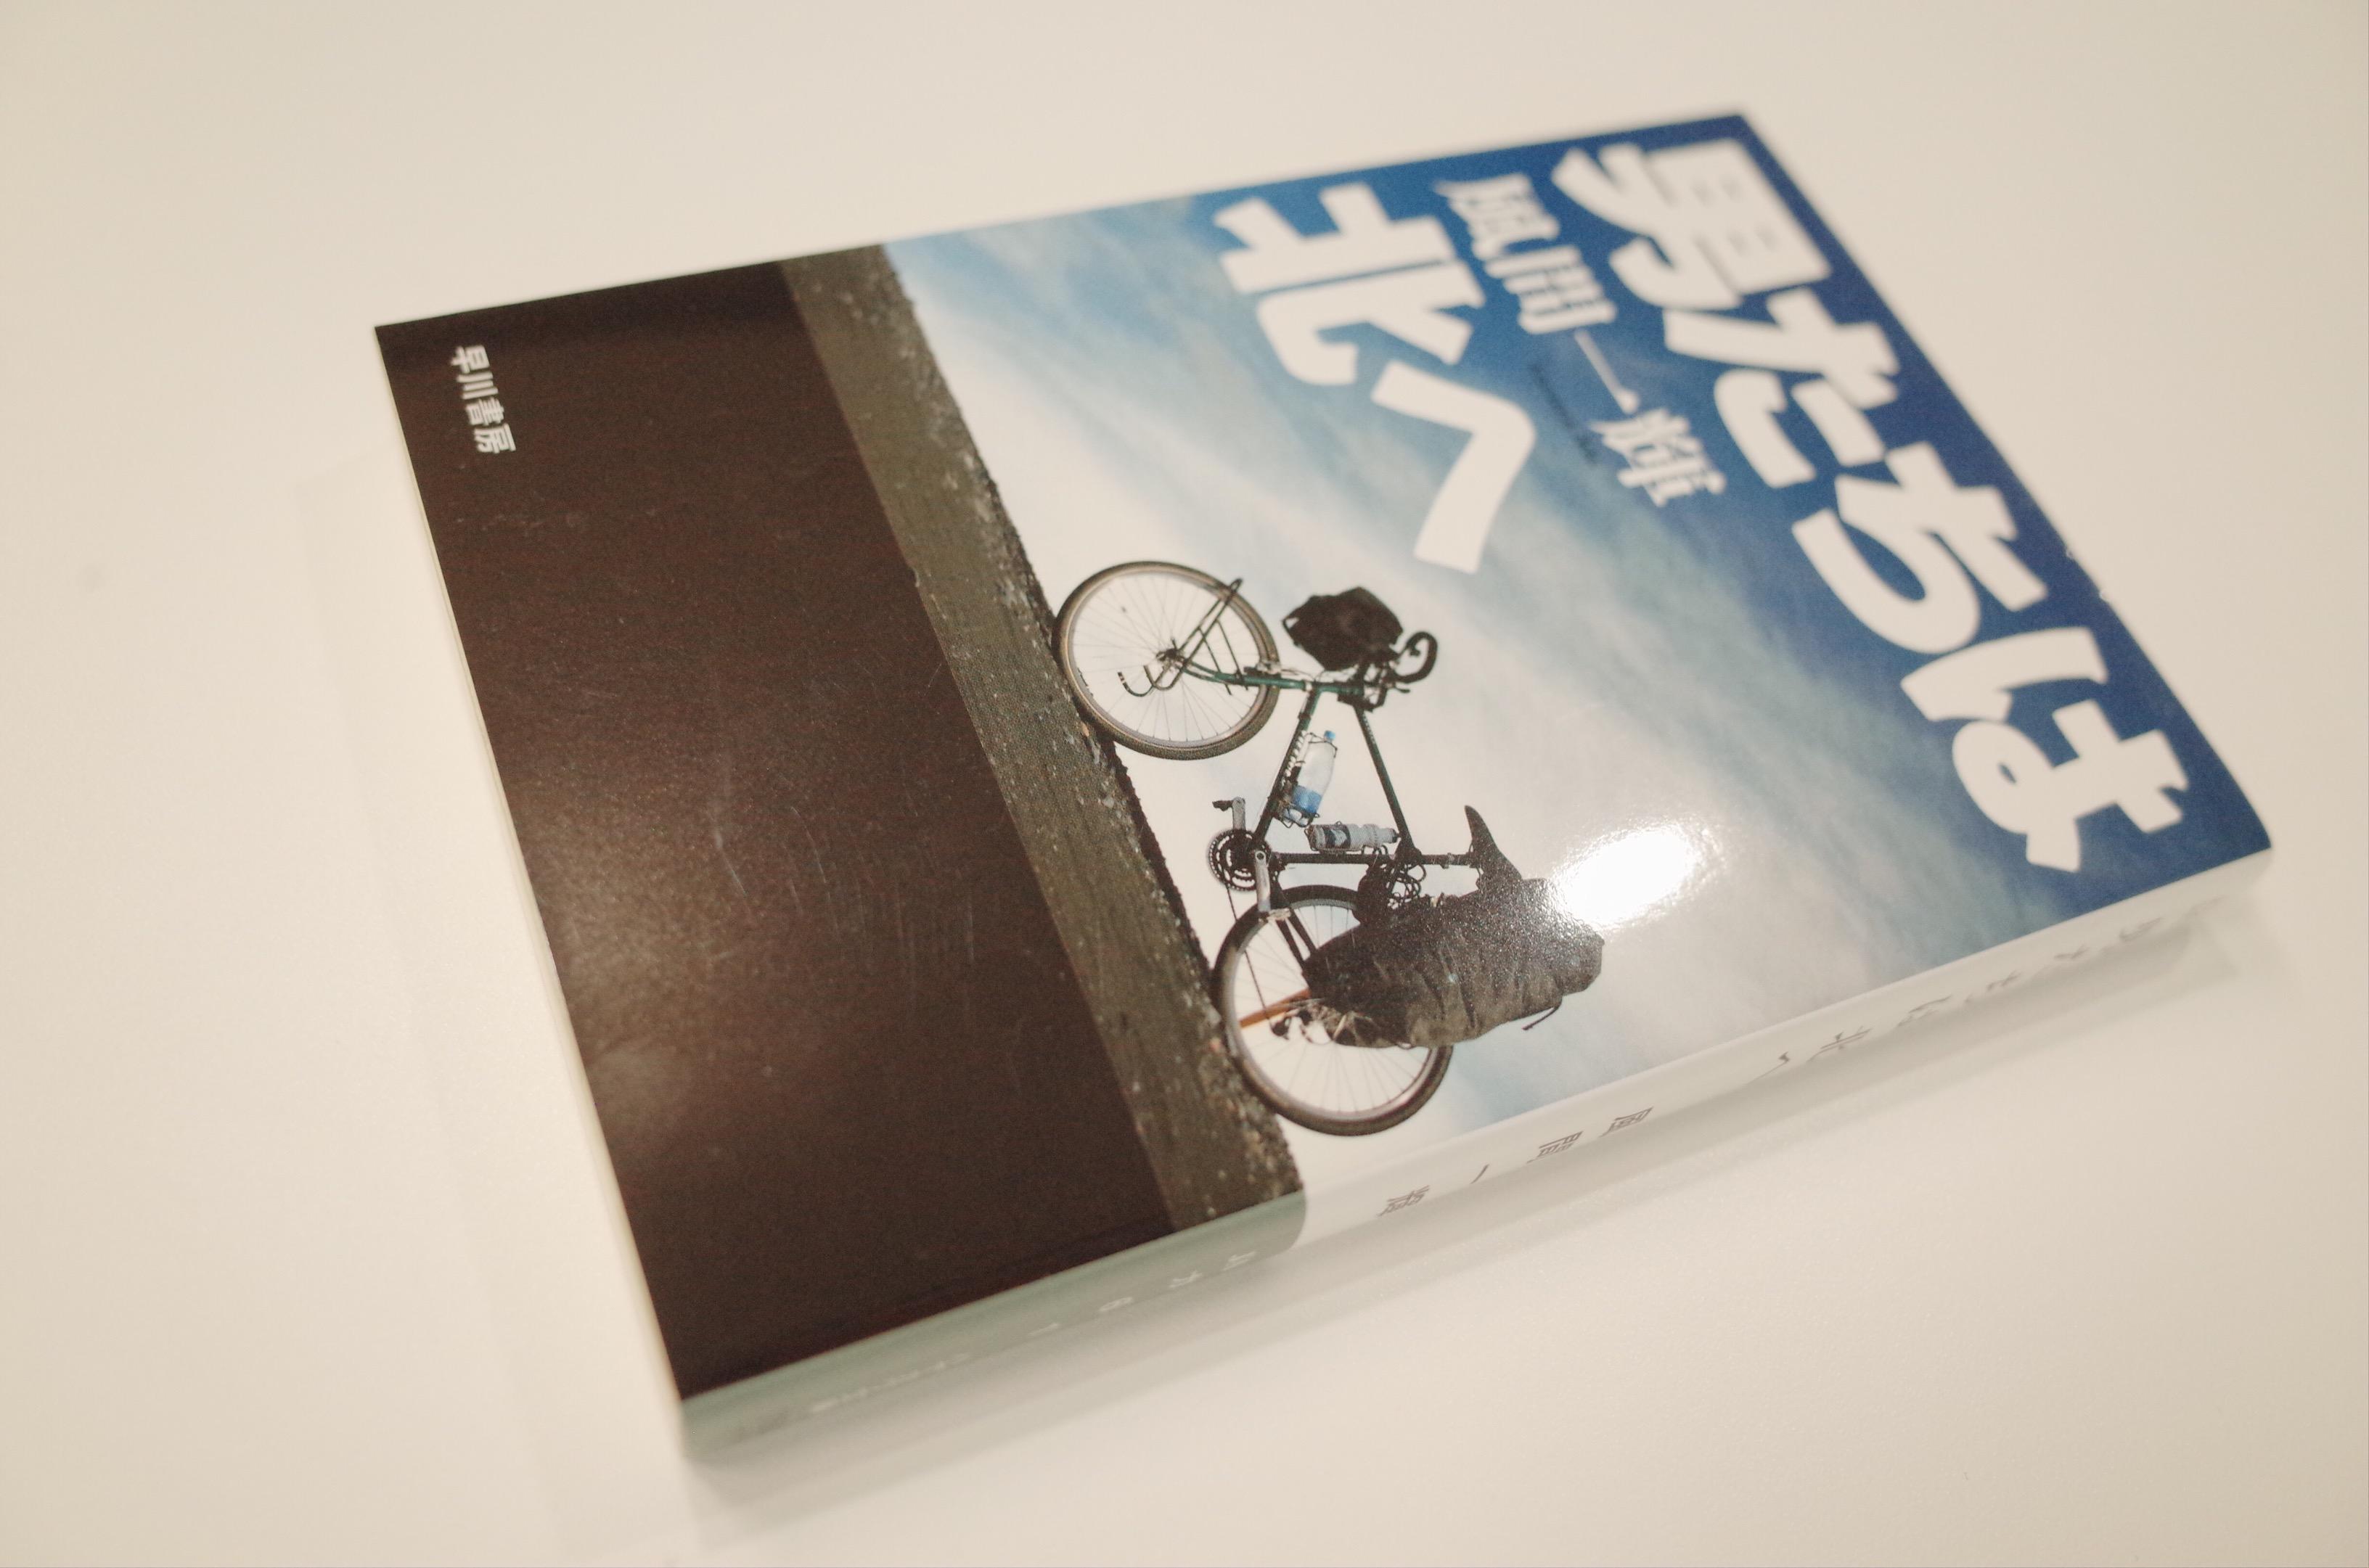 読み始めて50頁、走り出しからこれは相当おもしろい。風間一輝・著『男たちは北へ』。